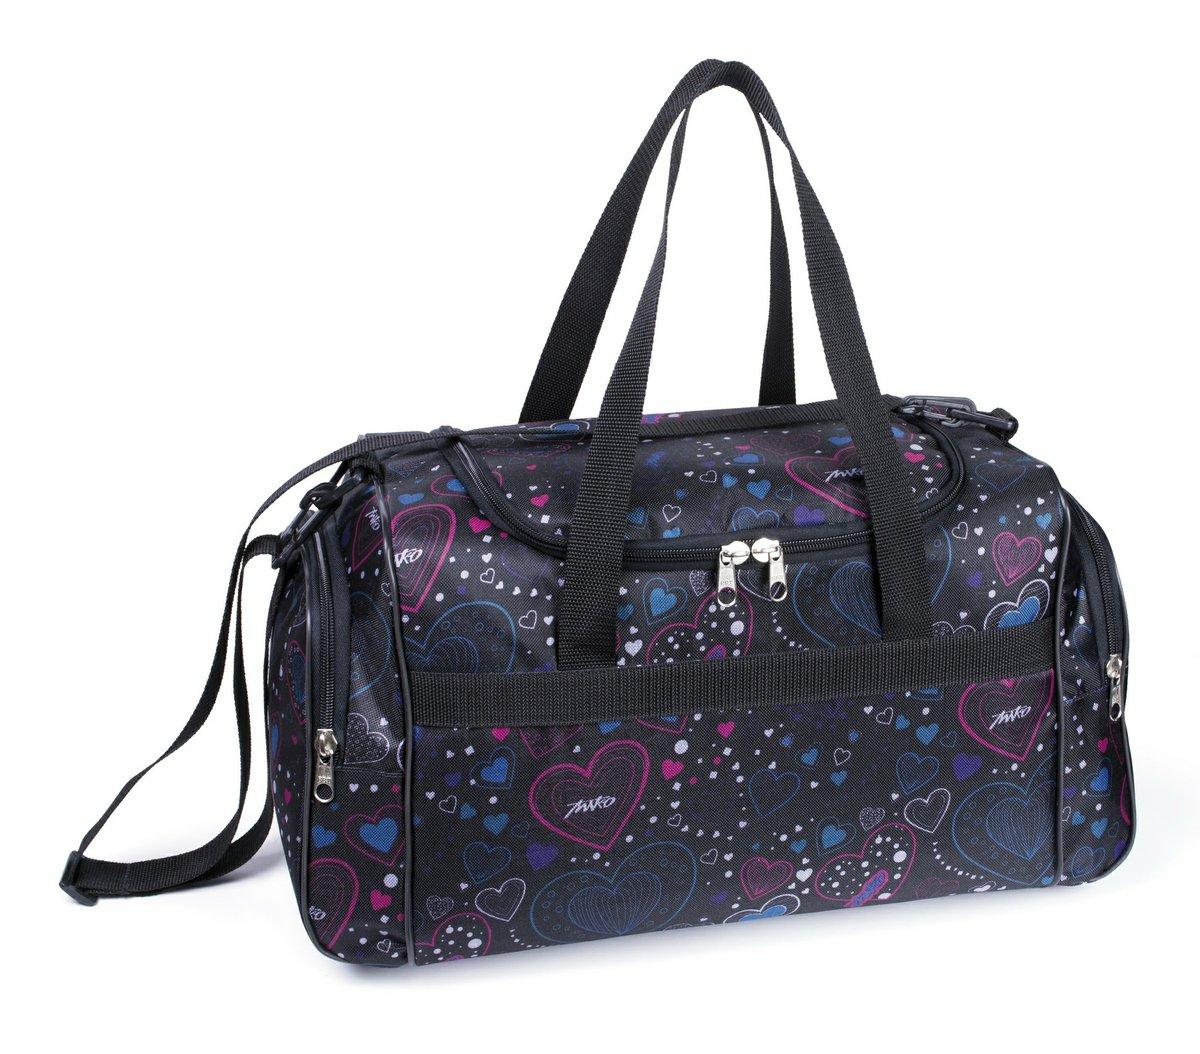 6a1172ea4 Bolsa de Viagem LS Bolsas com 2 bolsos laterais, alças de mão e alças  tiracolo | Netshoes